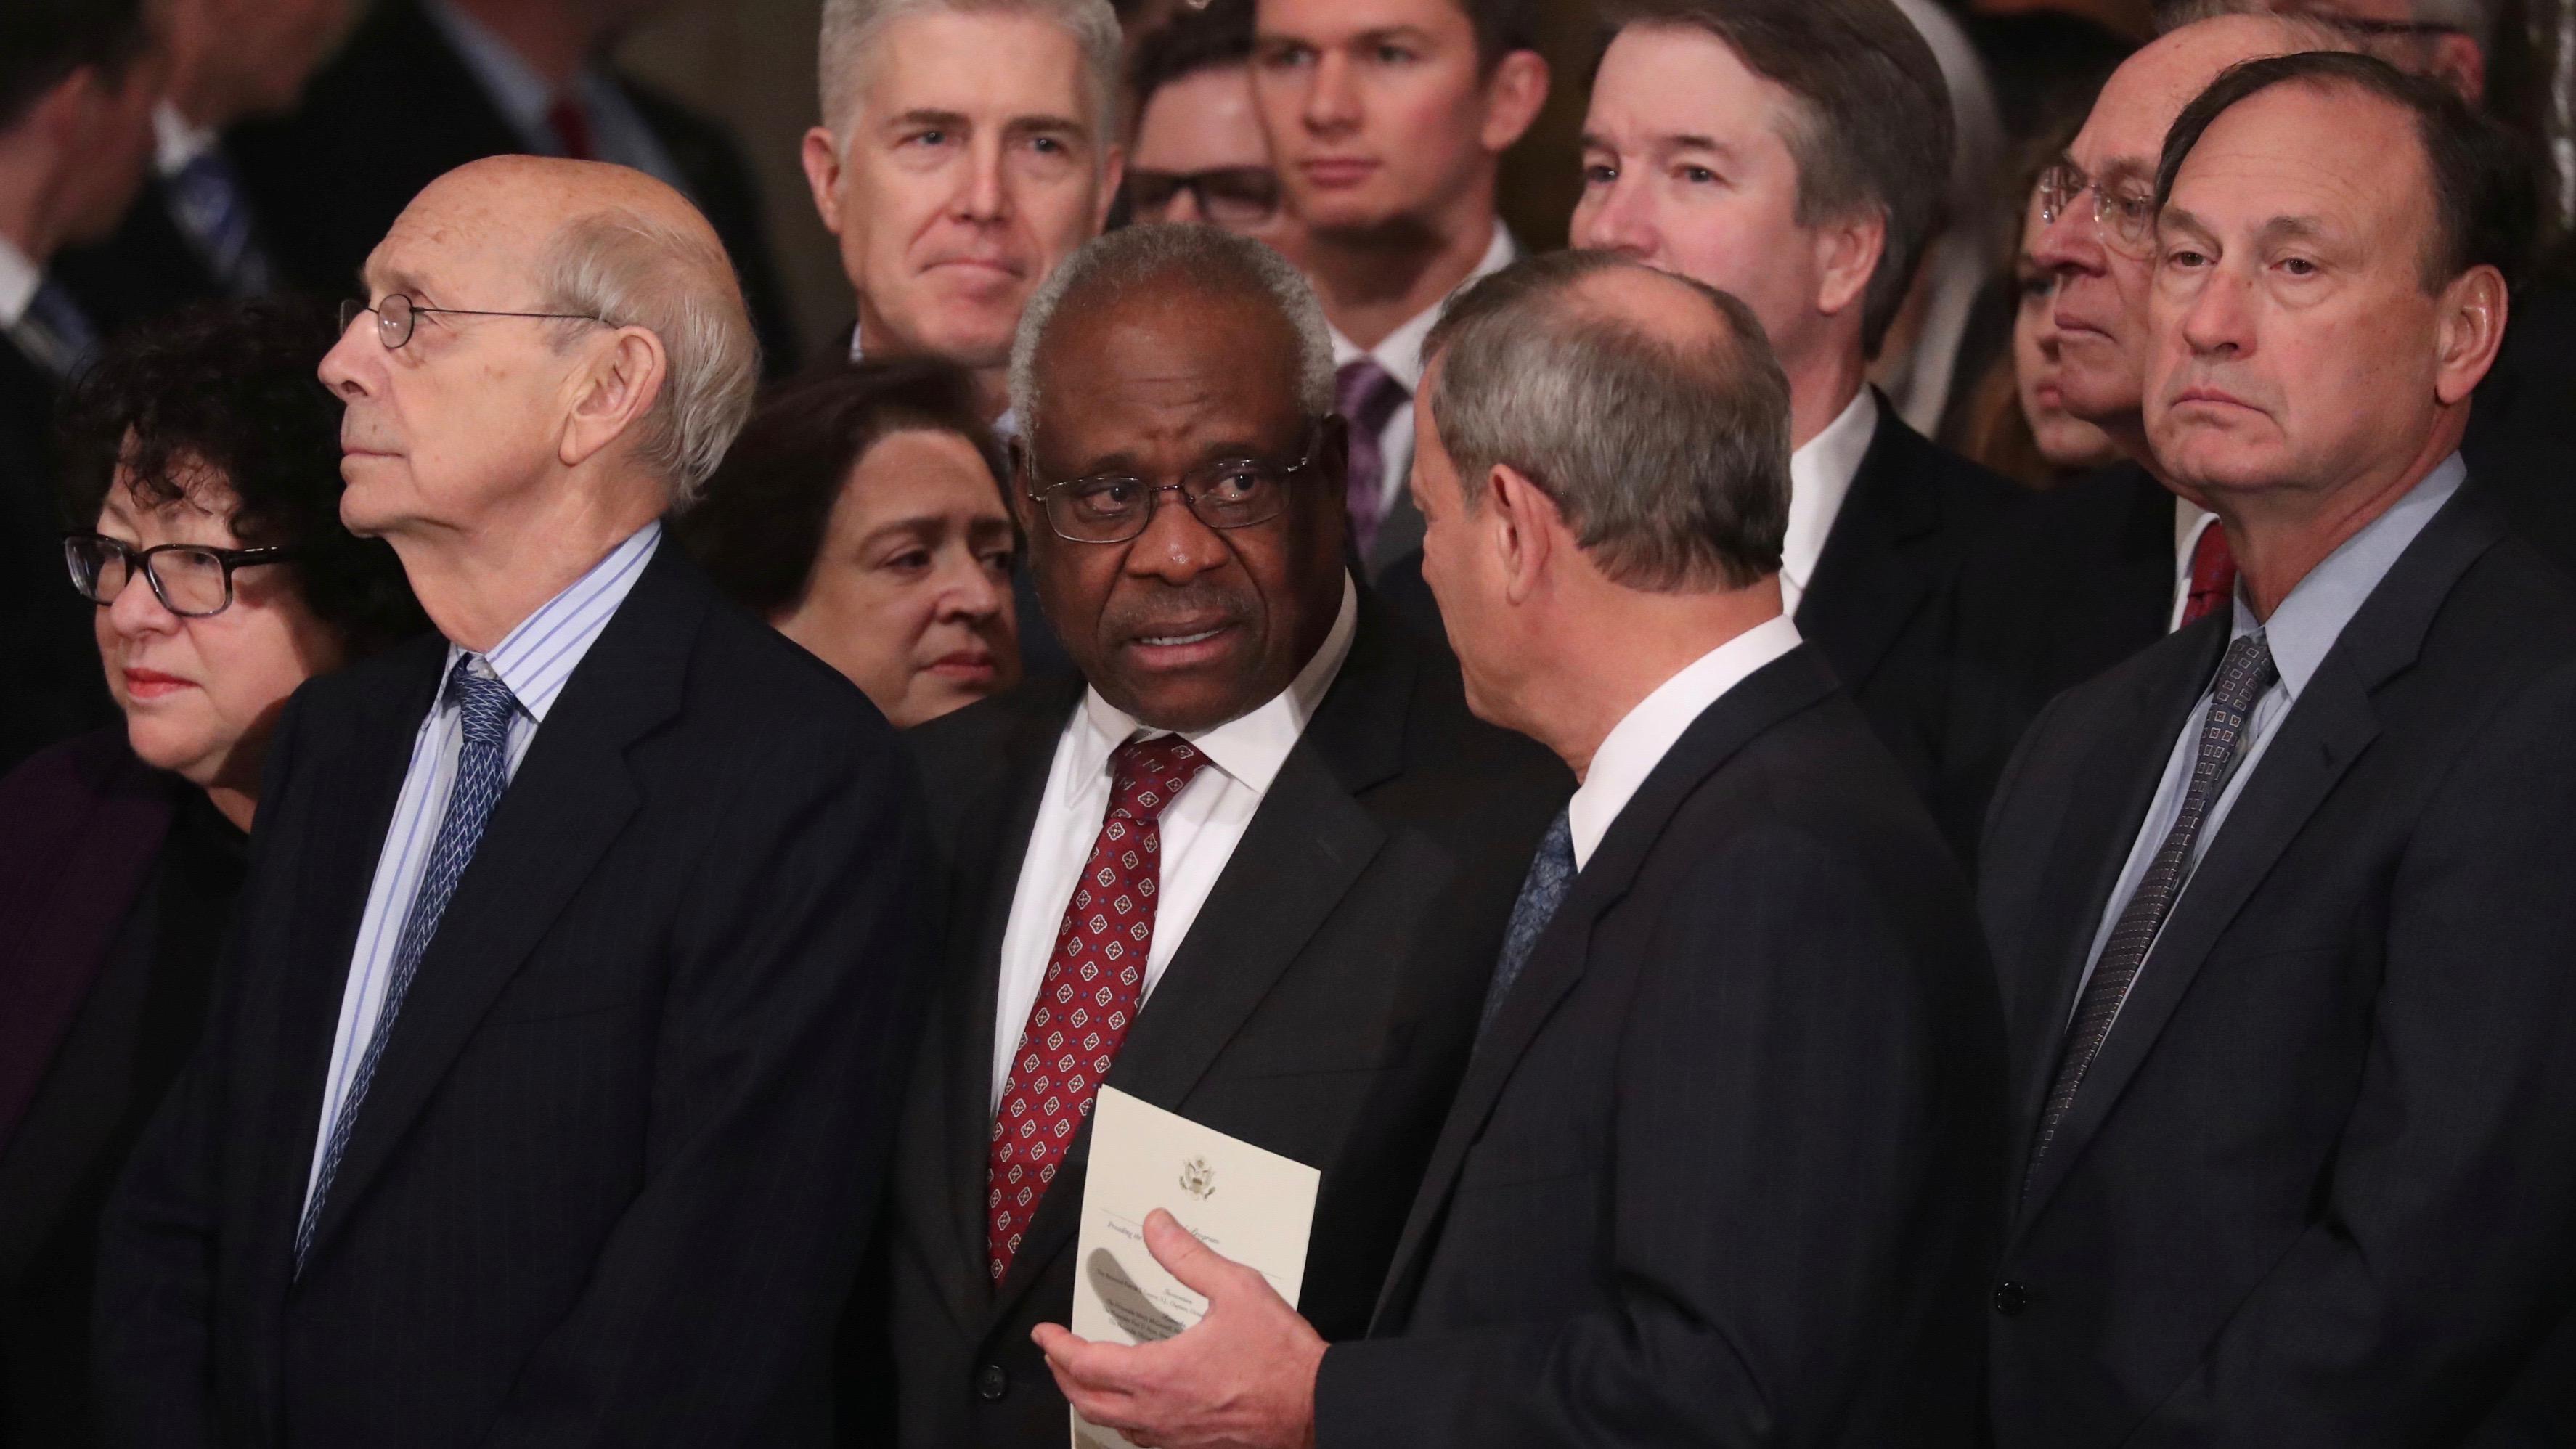 SCOTUS justices.